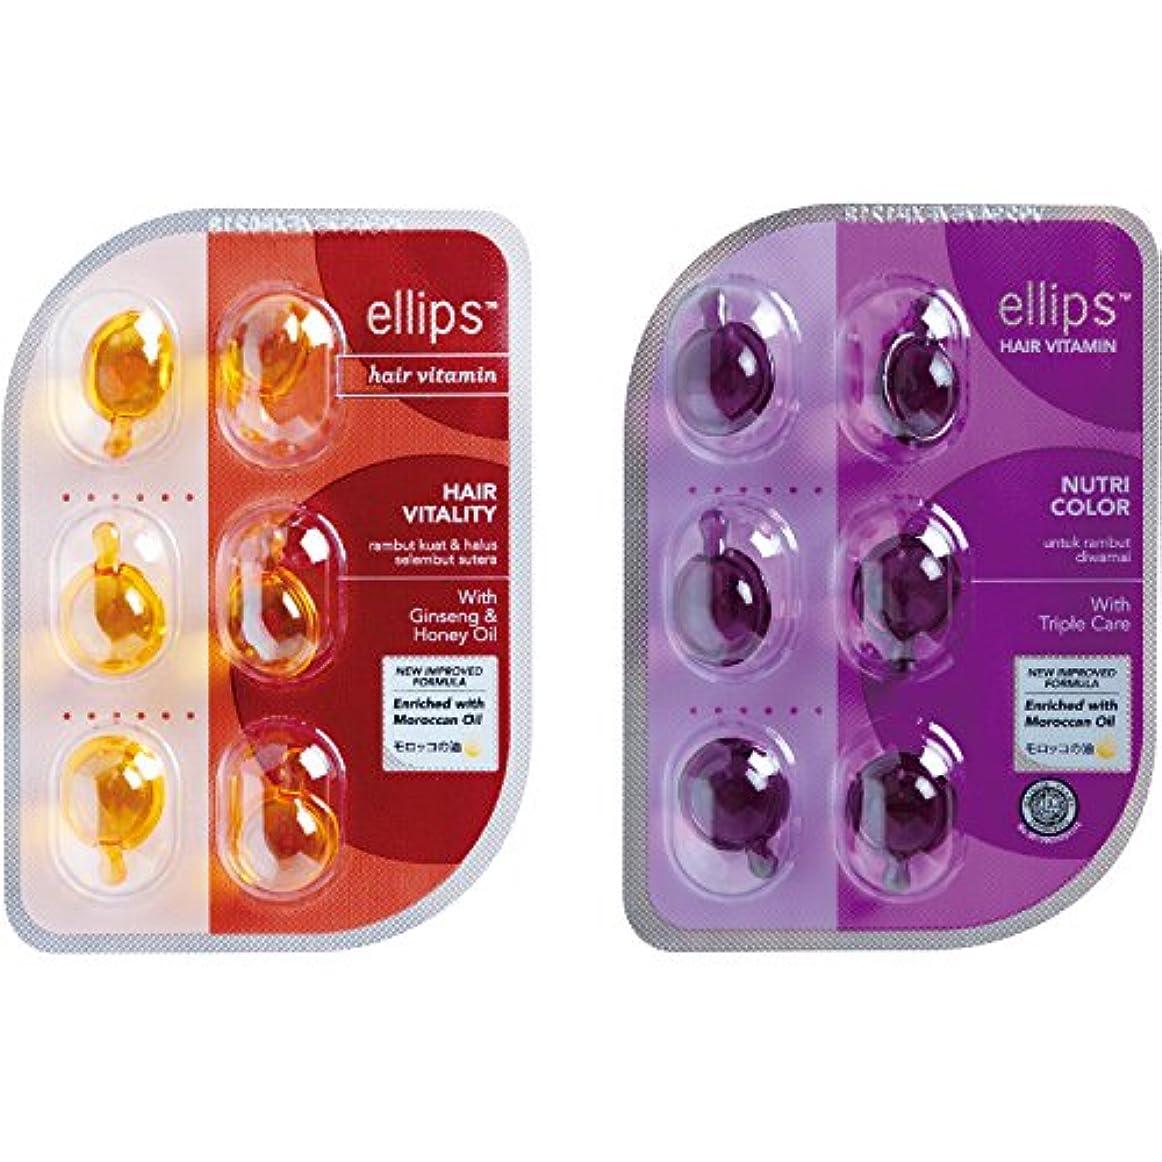 どんなときも置換意図[ym] エリップス Ellips ヘアビタミン 6粒入り シートタイプ 洗い流さない トリートメント (2シート(12粒), カラーヘア用セット)